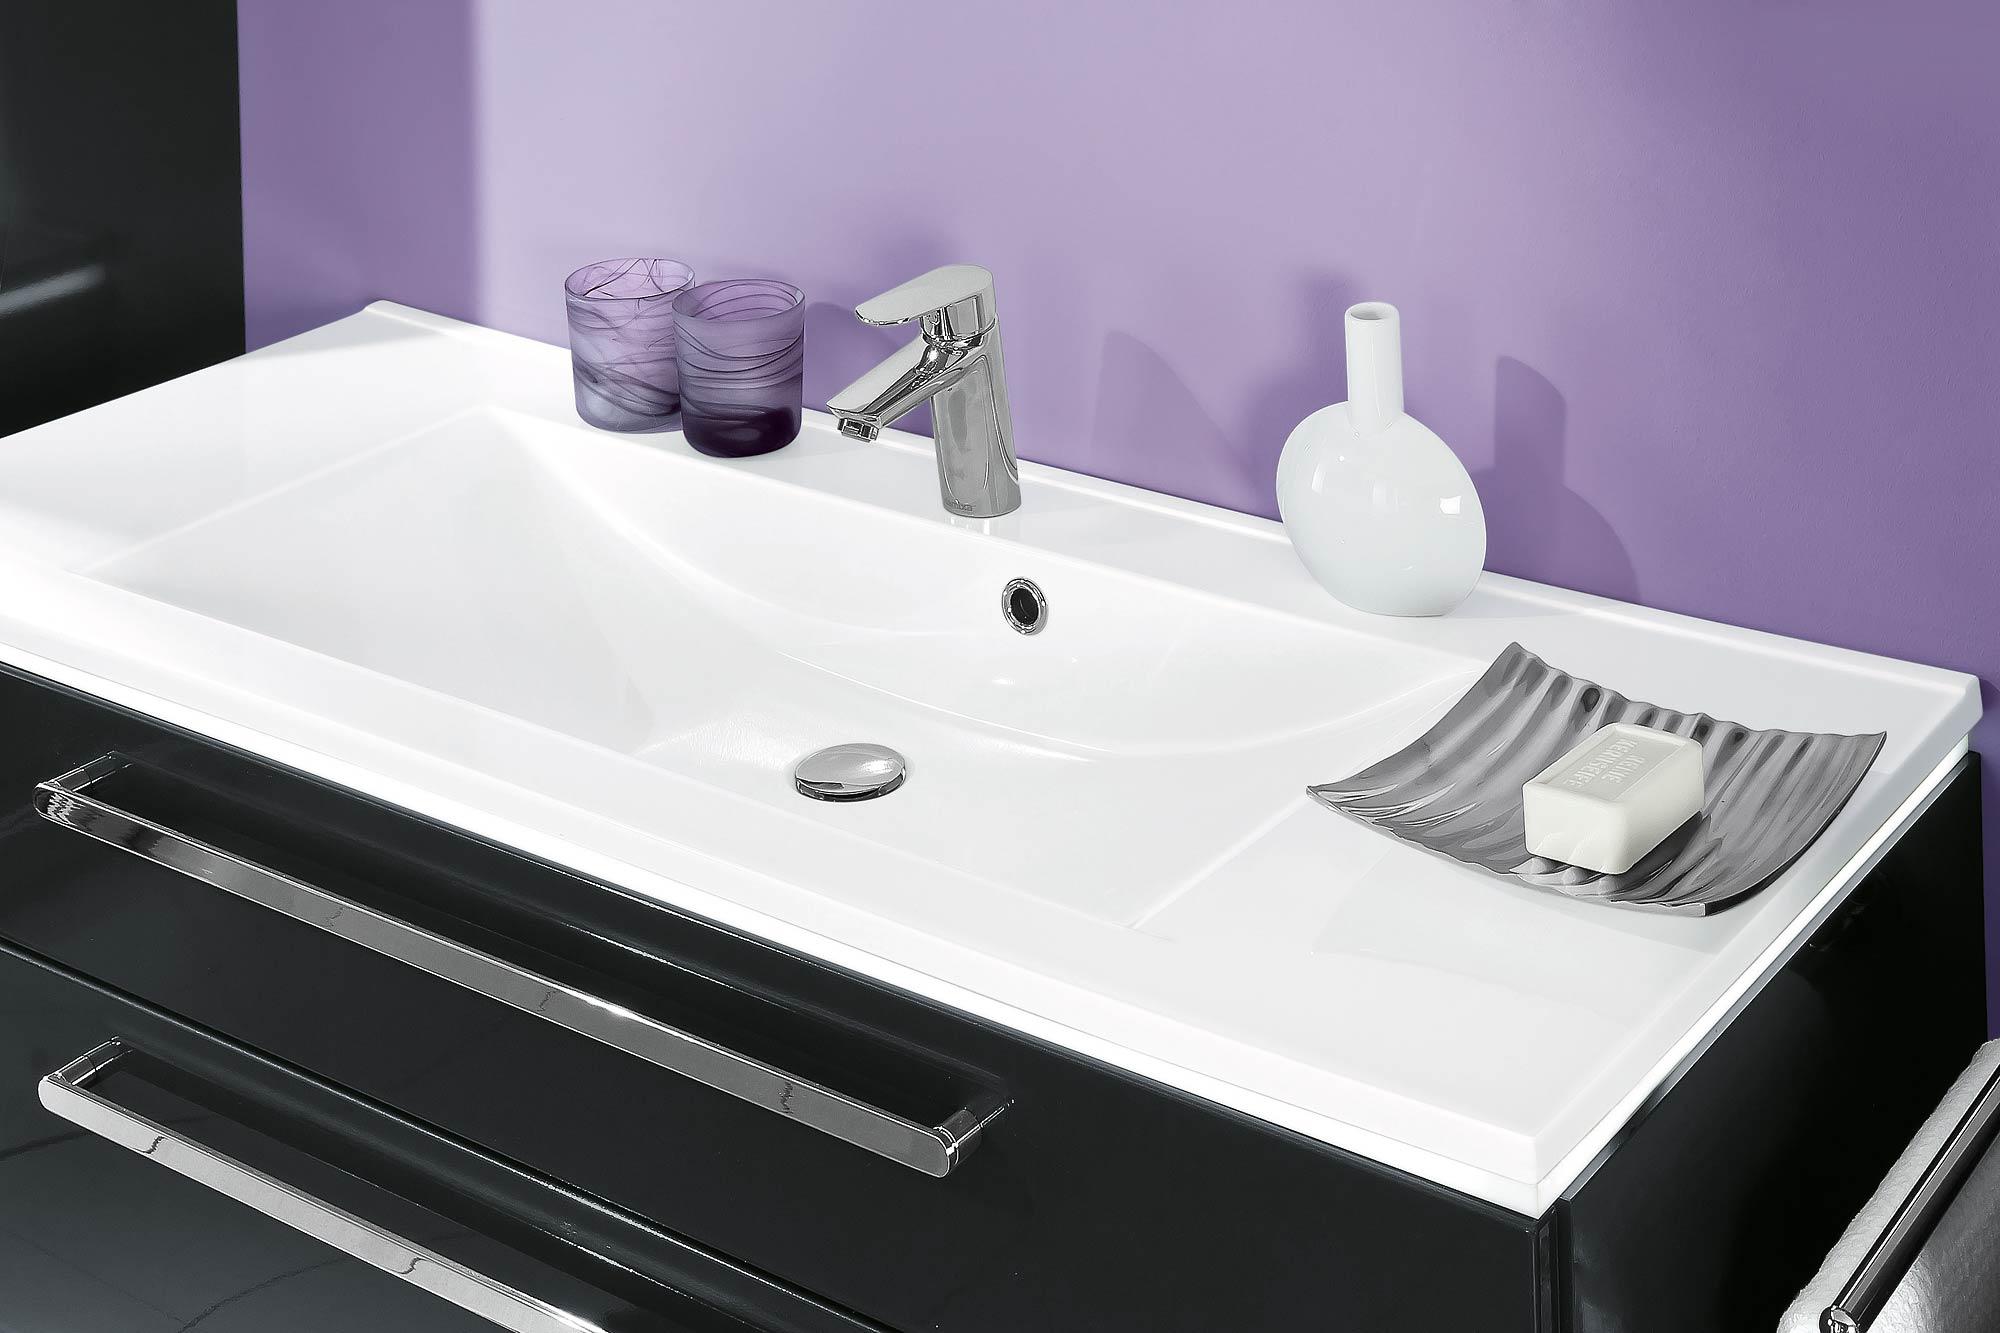 Waschplatz Mondo Ronda Waschtische Schranke Regale Mobel Alles Wohnen Dieser Welt Im Einrichtungs Centrum Und Auf Ostermann De